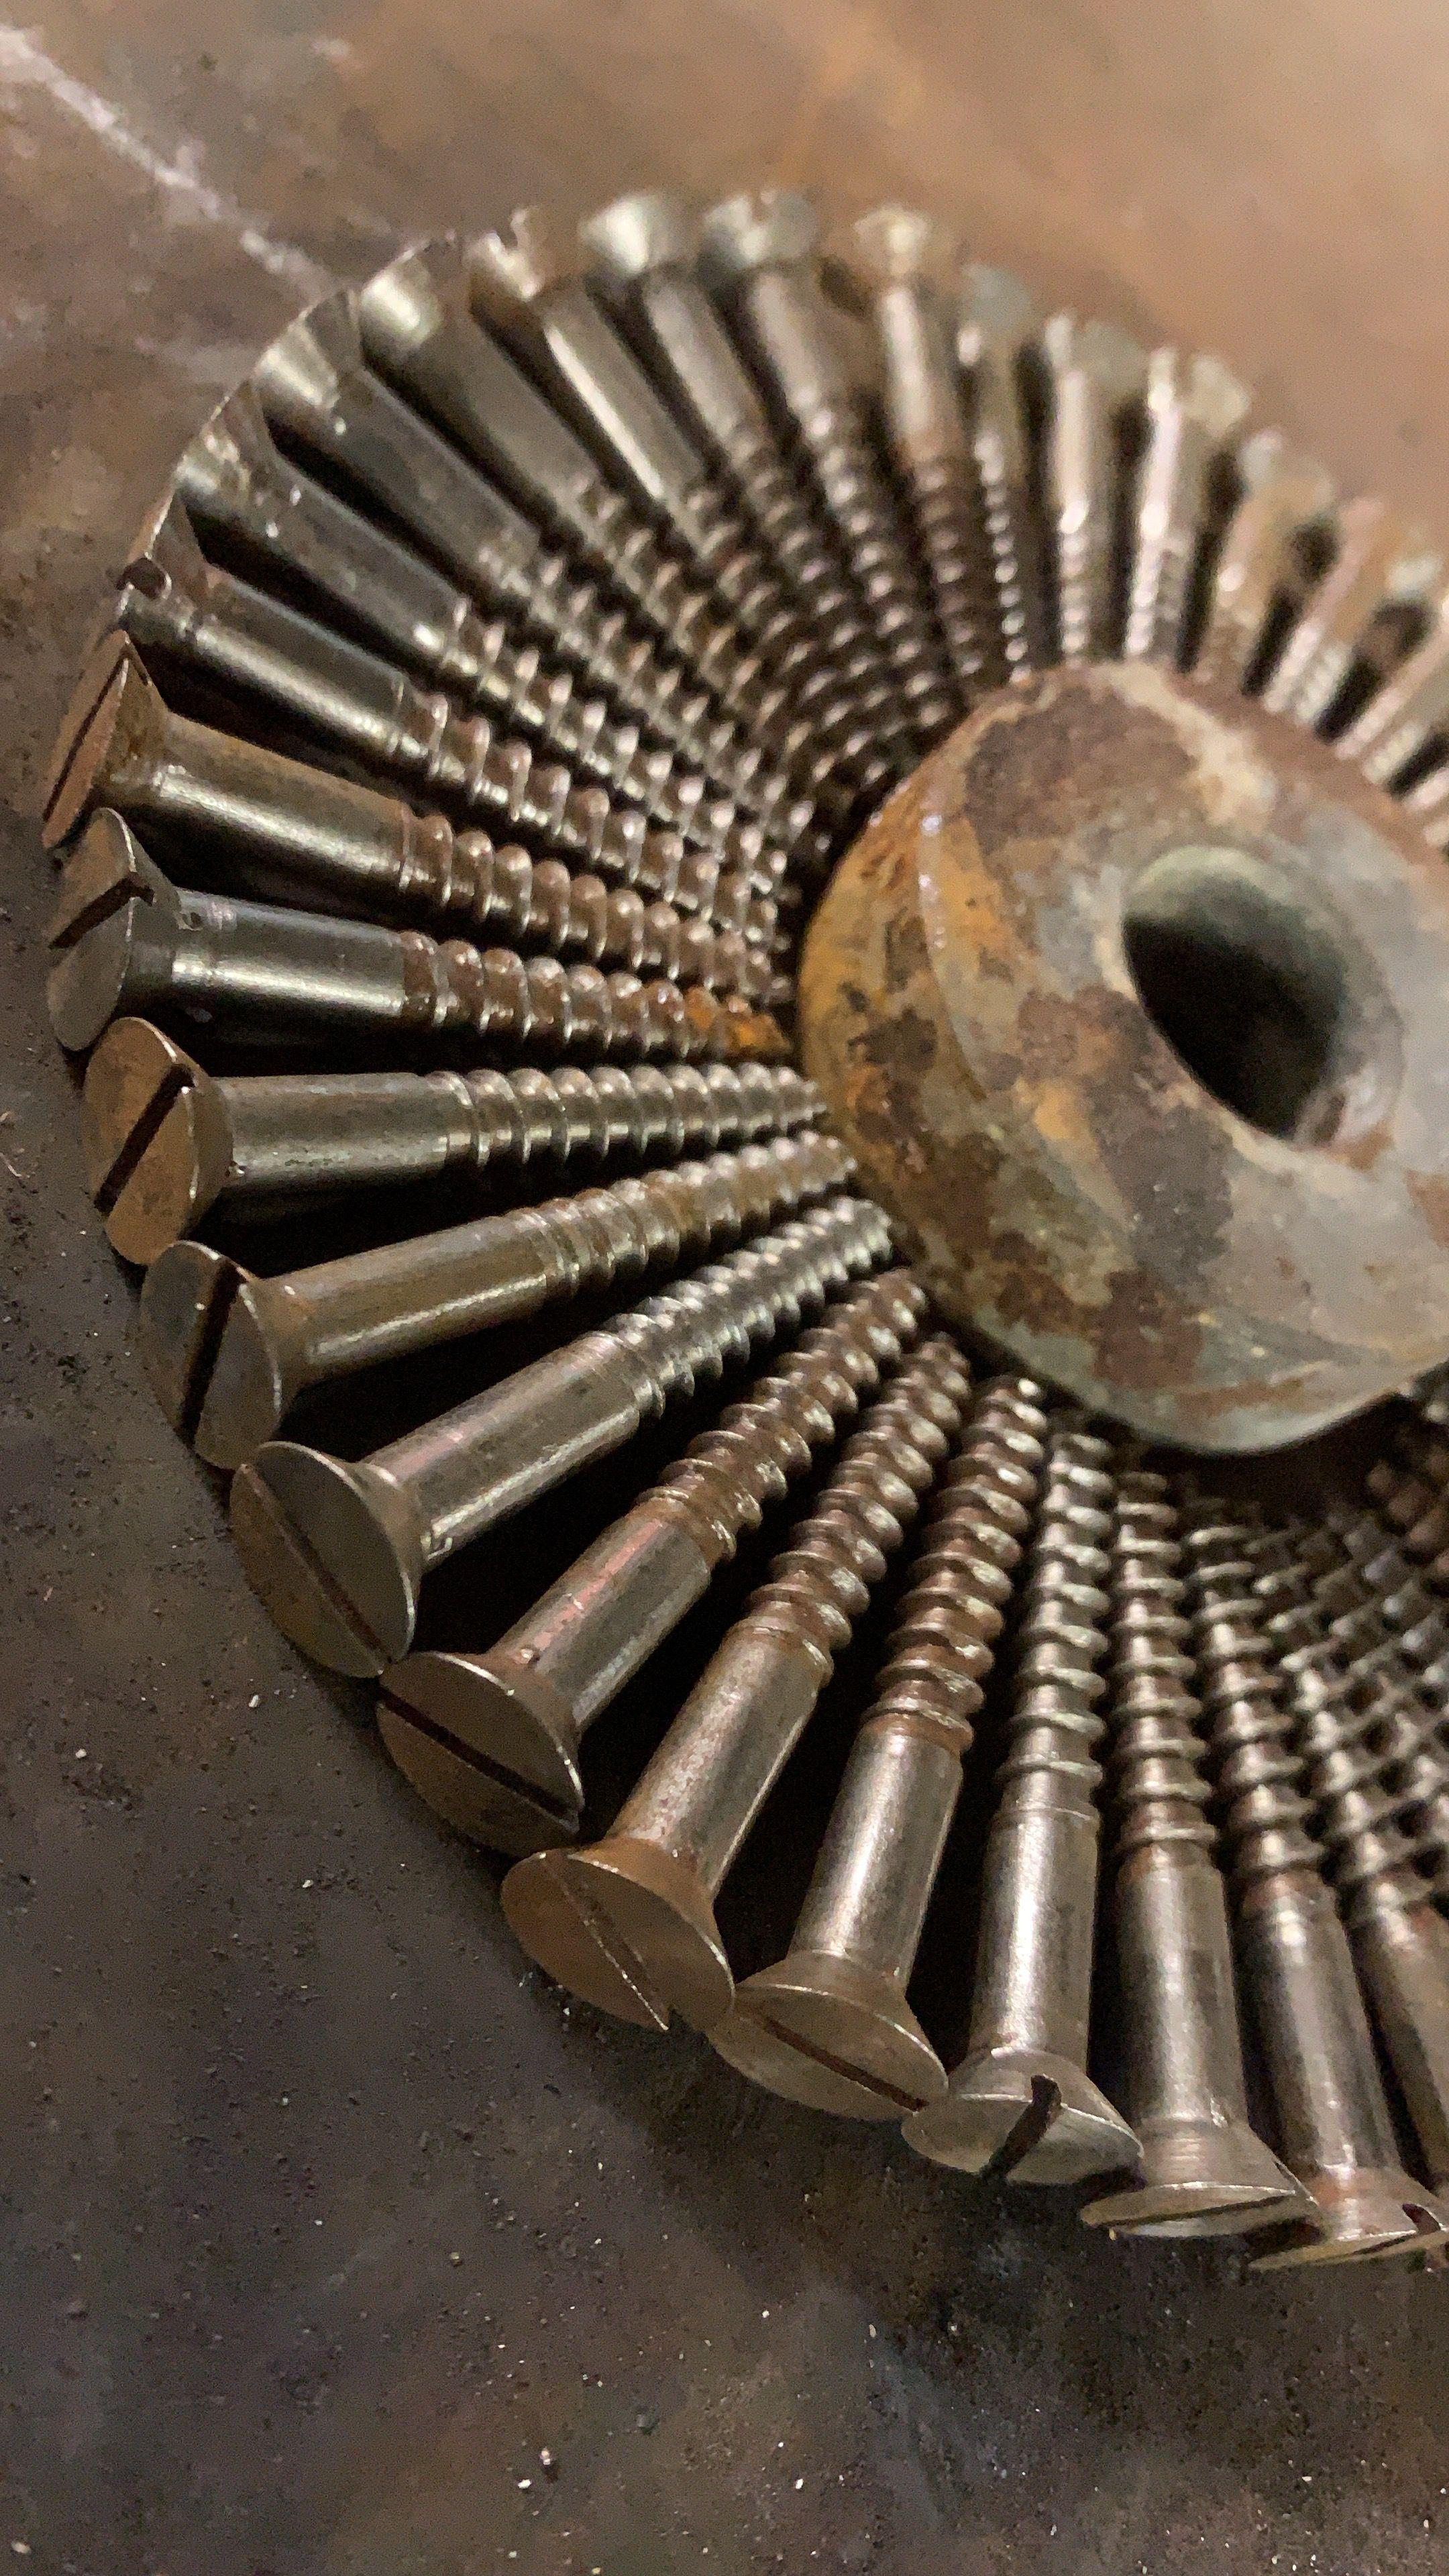 Rusty Scrap Metal Art Metal Art Projects Scrap Metal Art Metal Art Diy